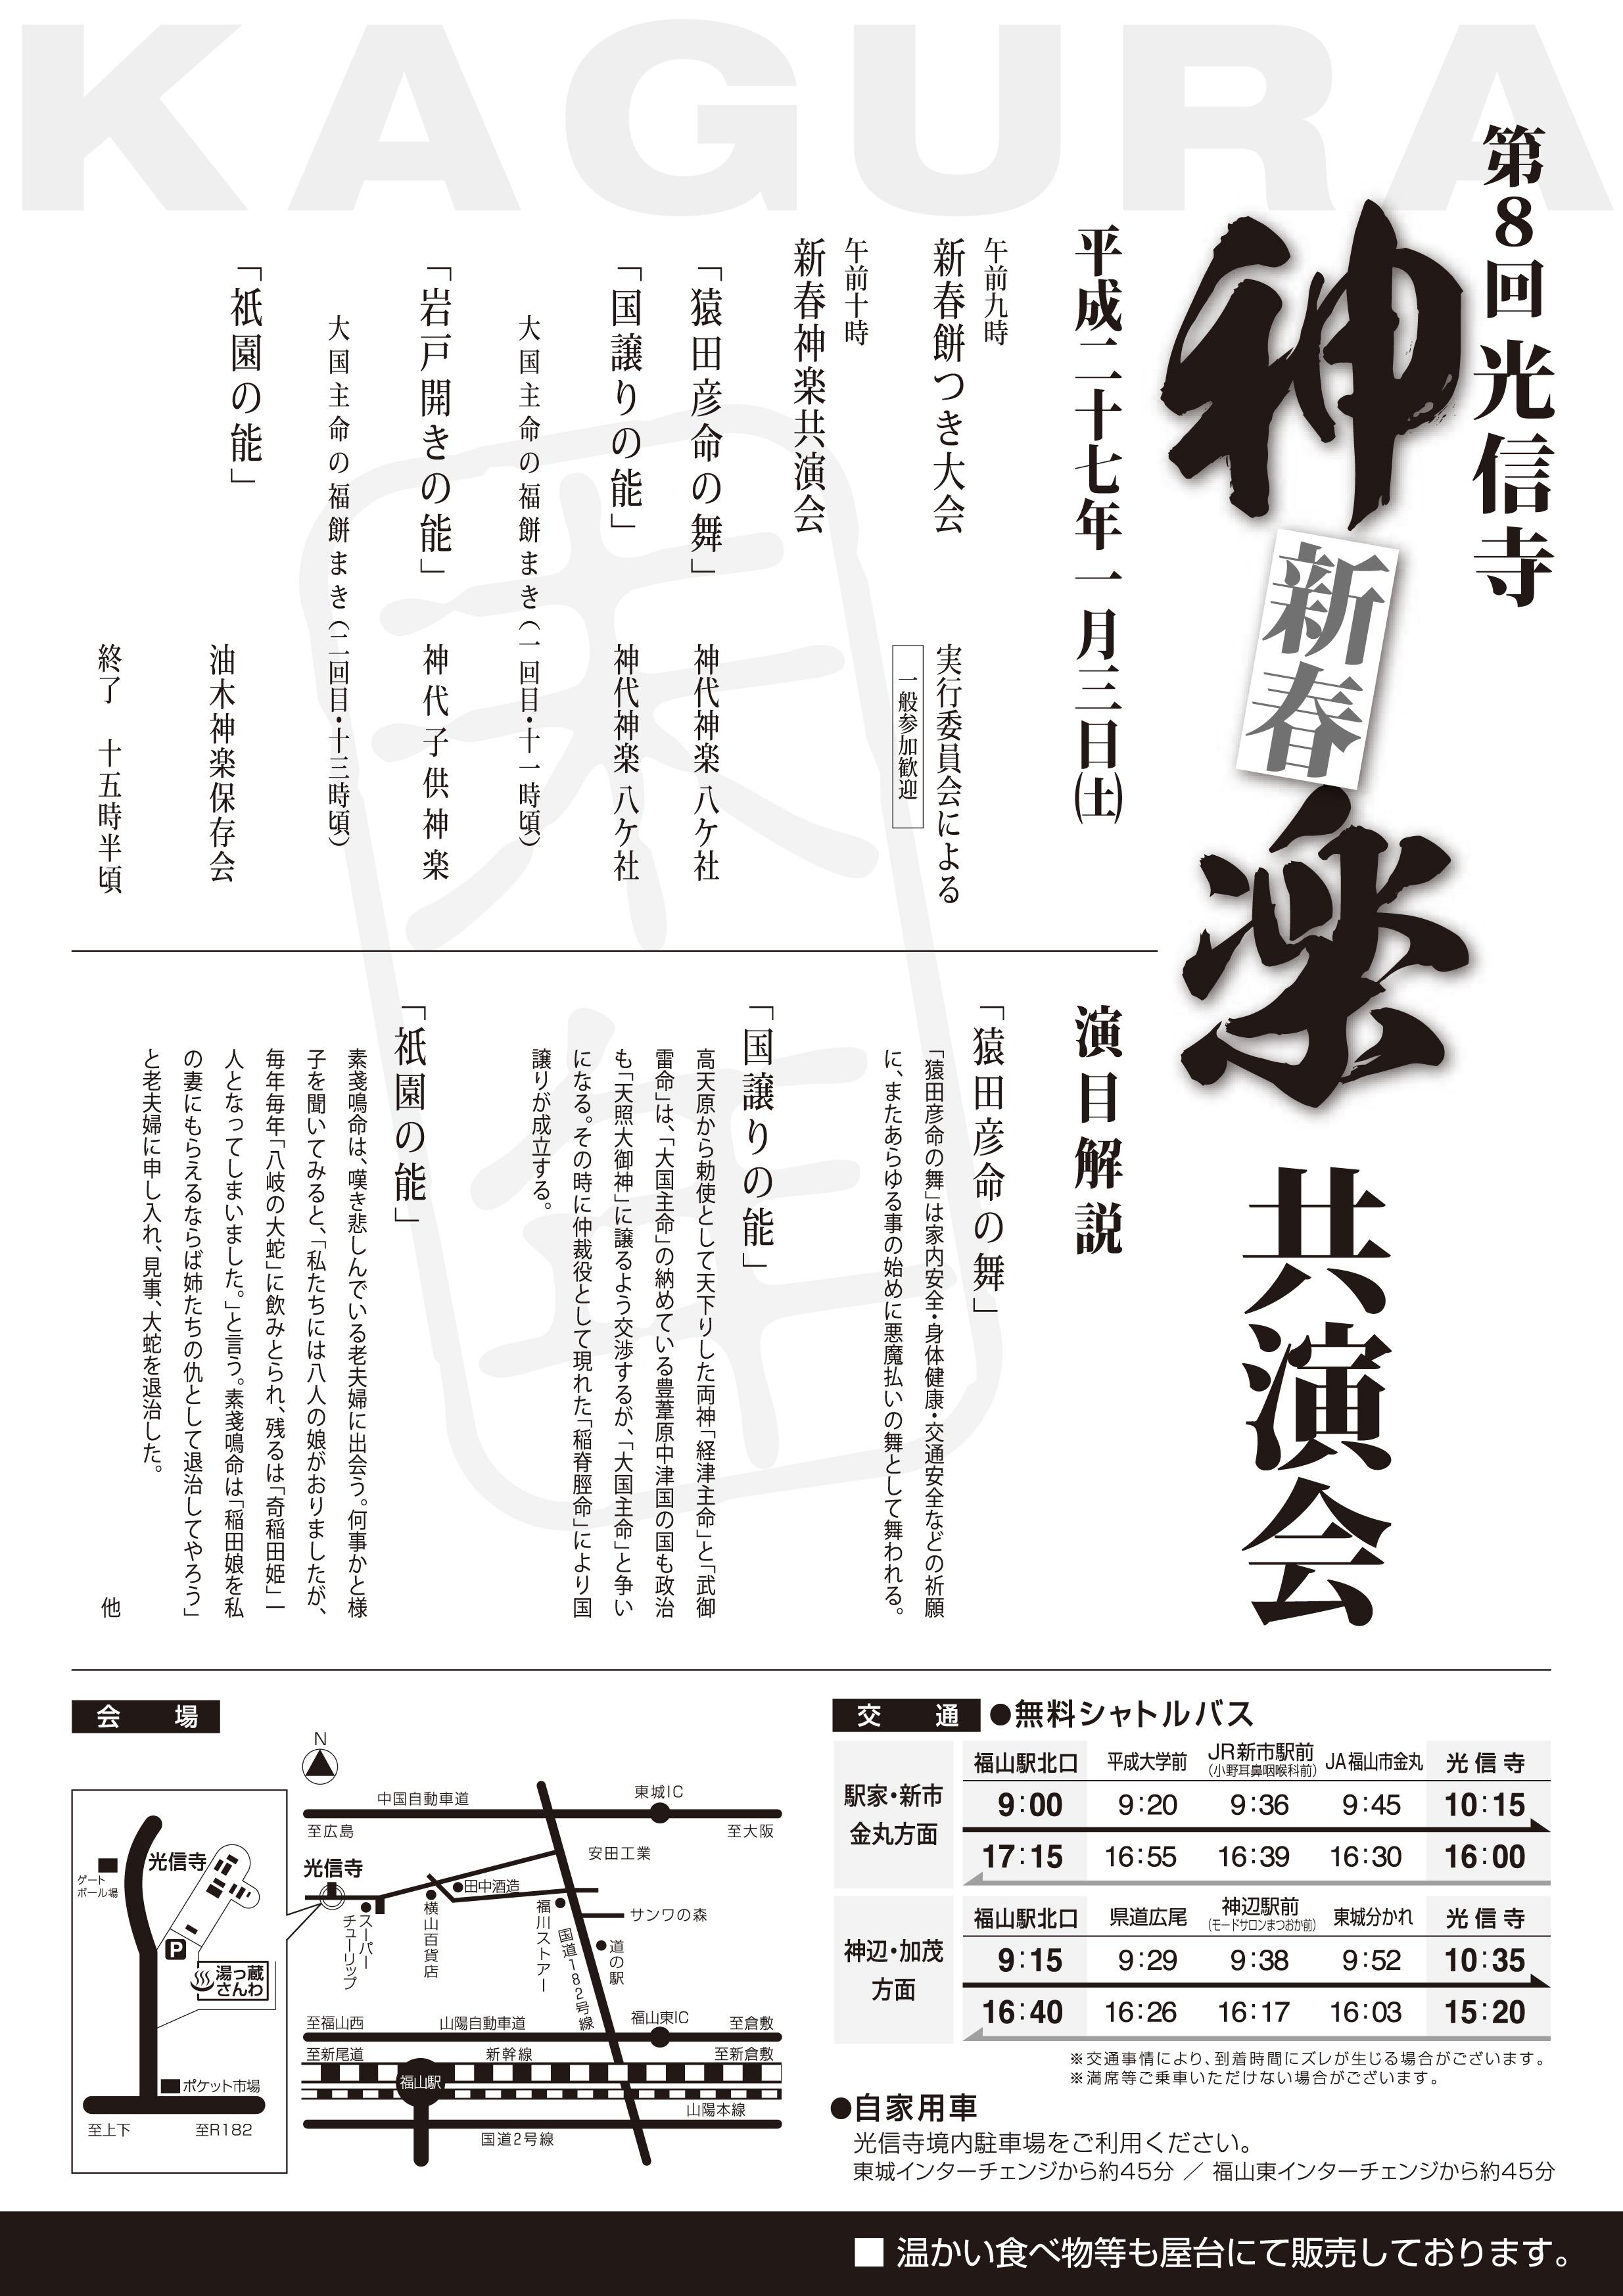 2015年1月3日(土) 9:00~15:30 秀嶺山光信寺 本堂